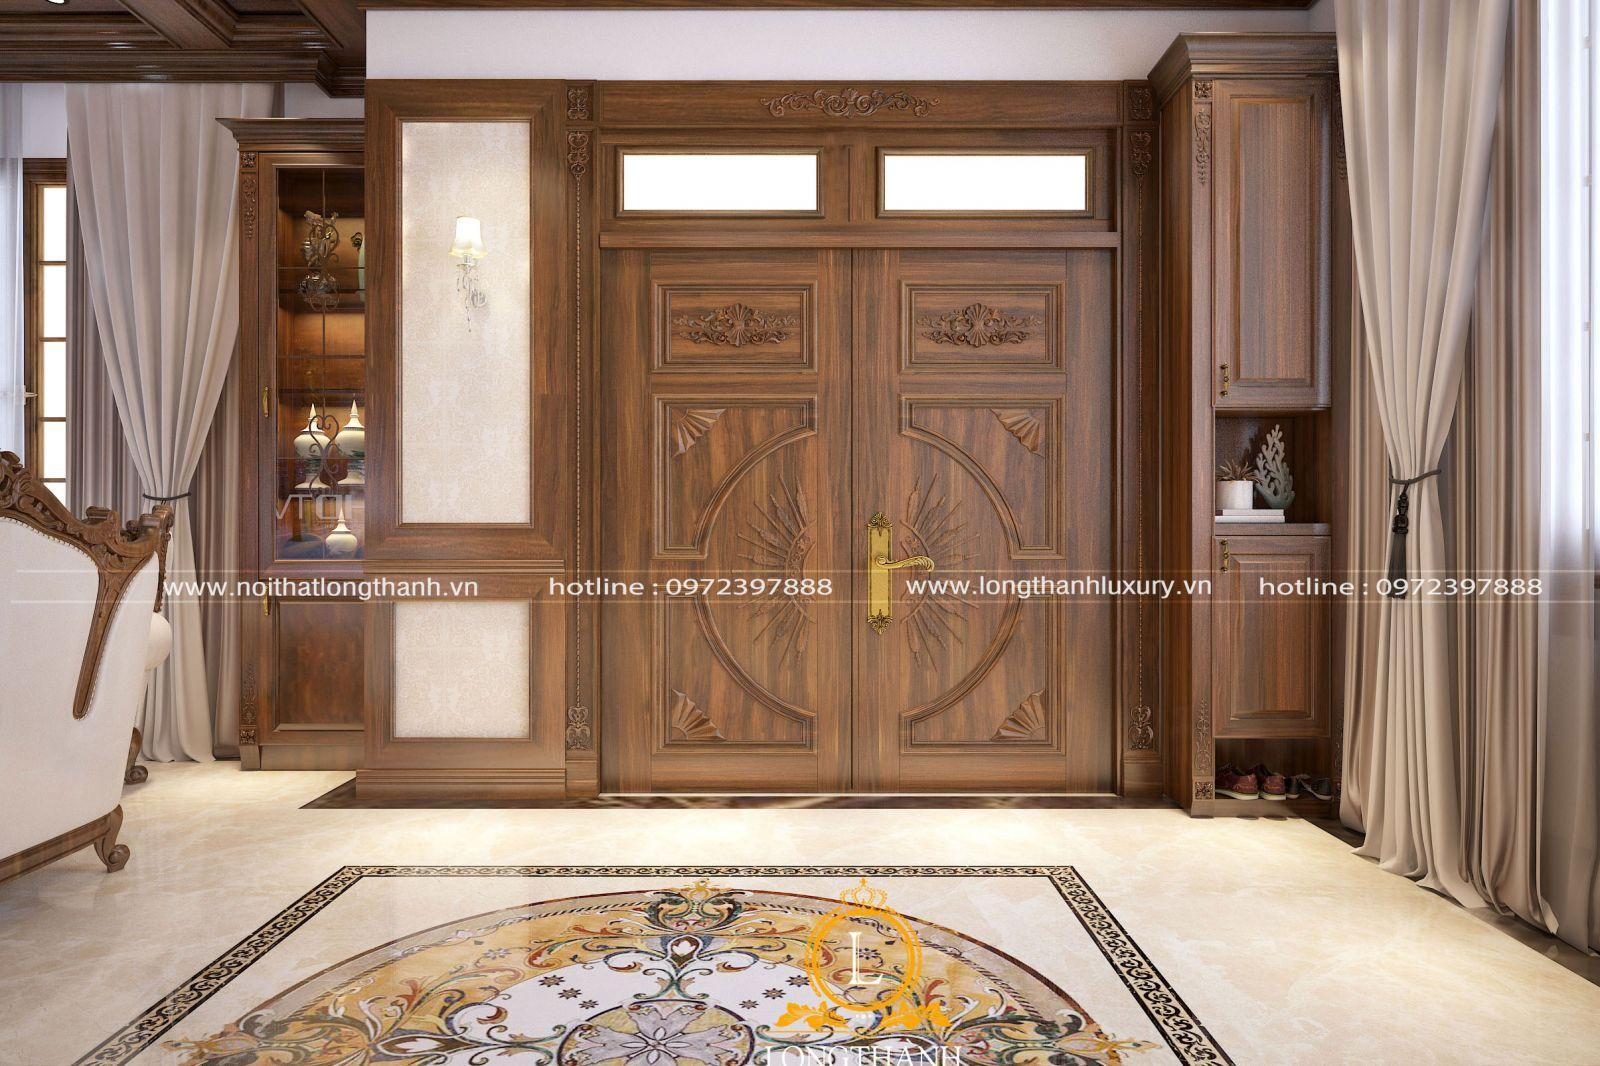 Cửa gỗ tự nhiên là loại cửa được làm từ chất liệu gỗ tự nhiên trong rừng